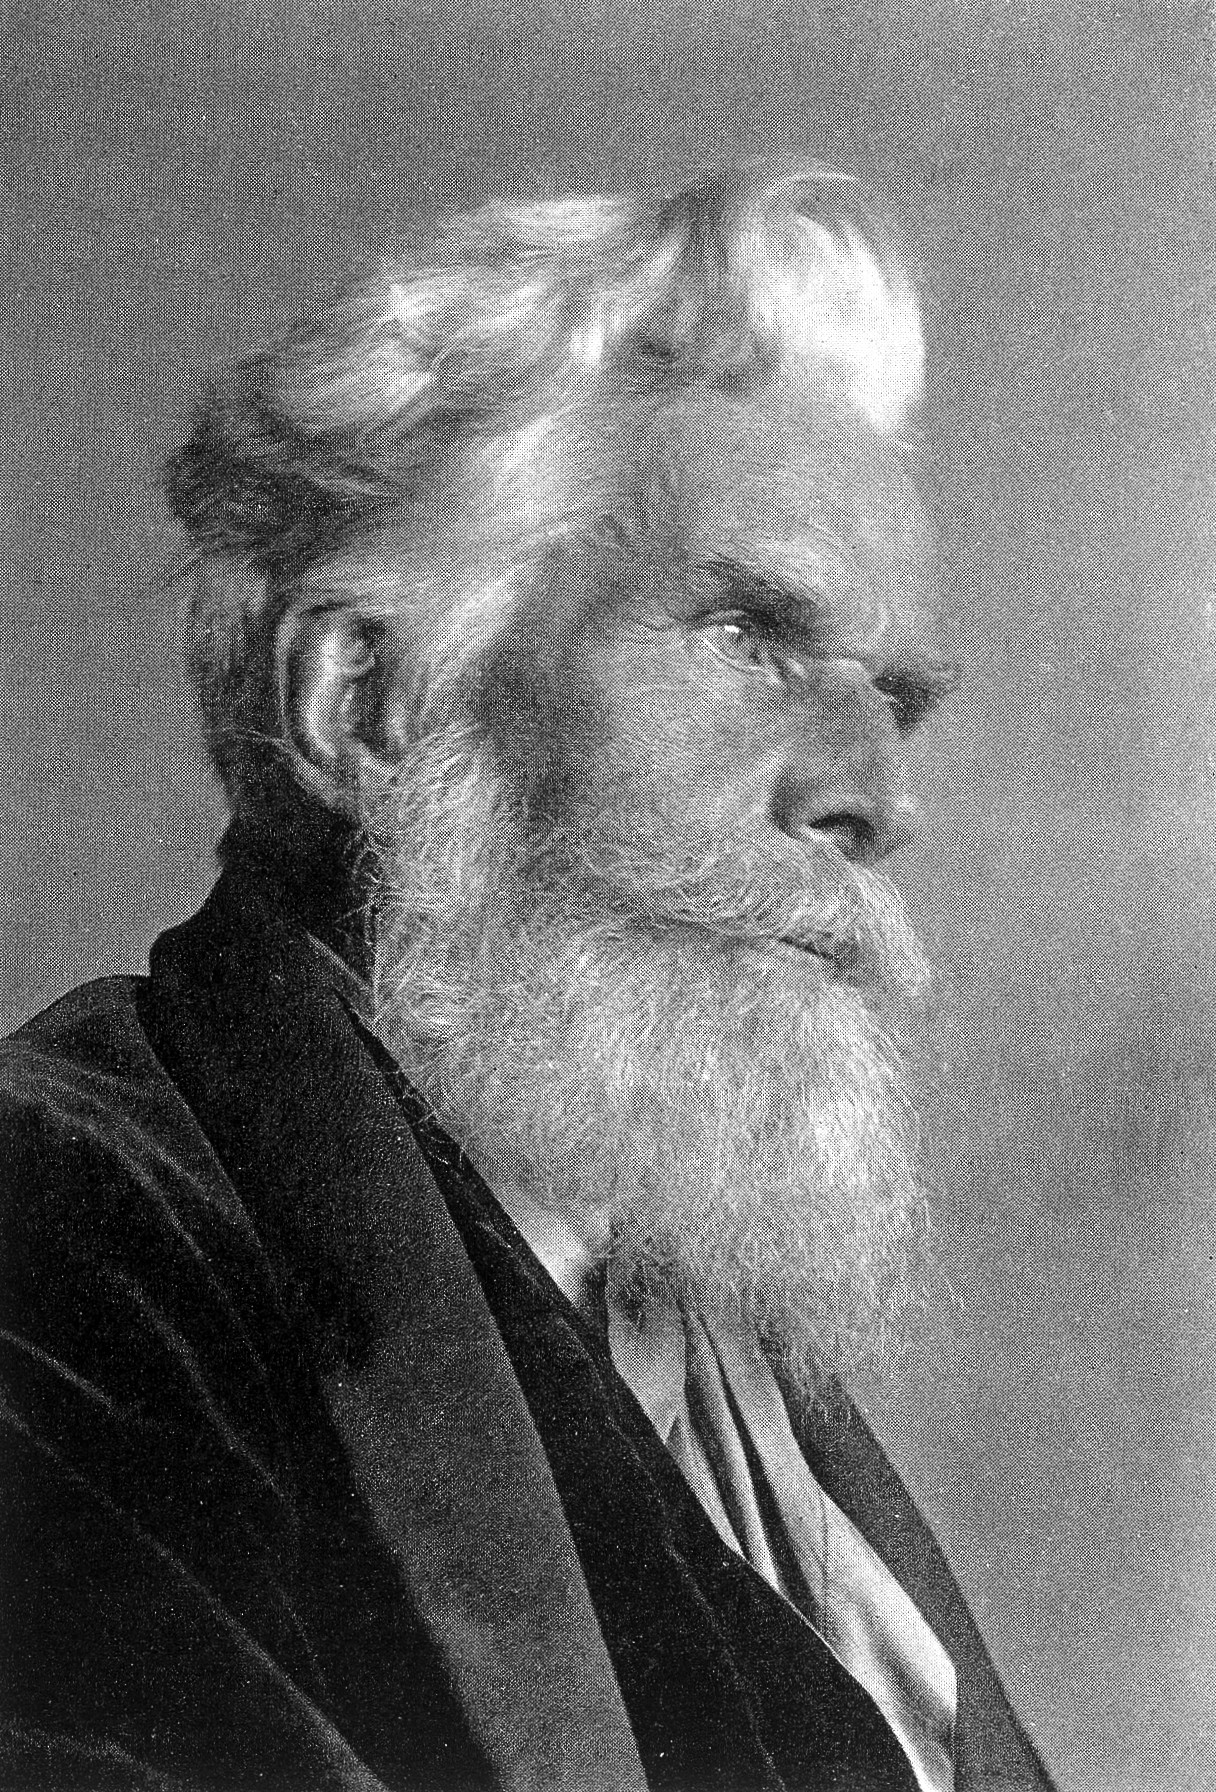 Poet Havelock Ellis